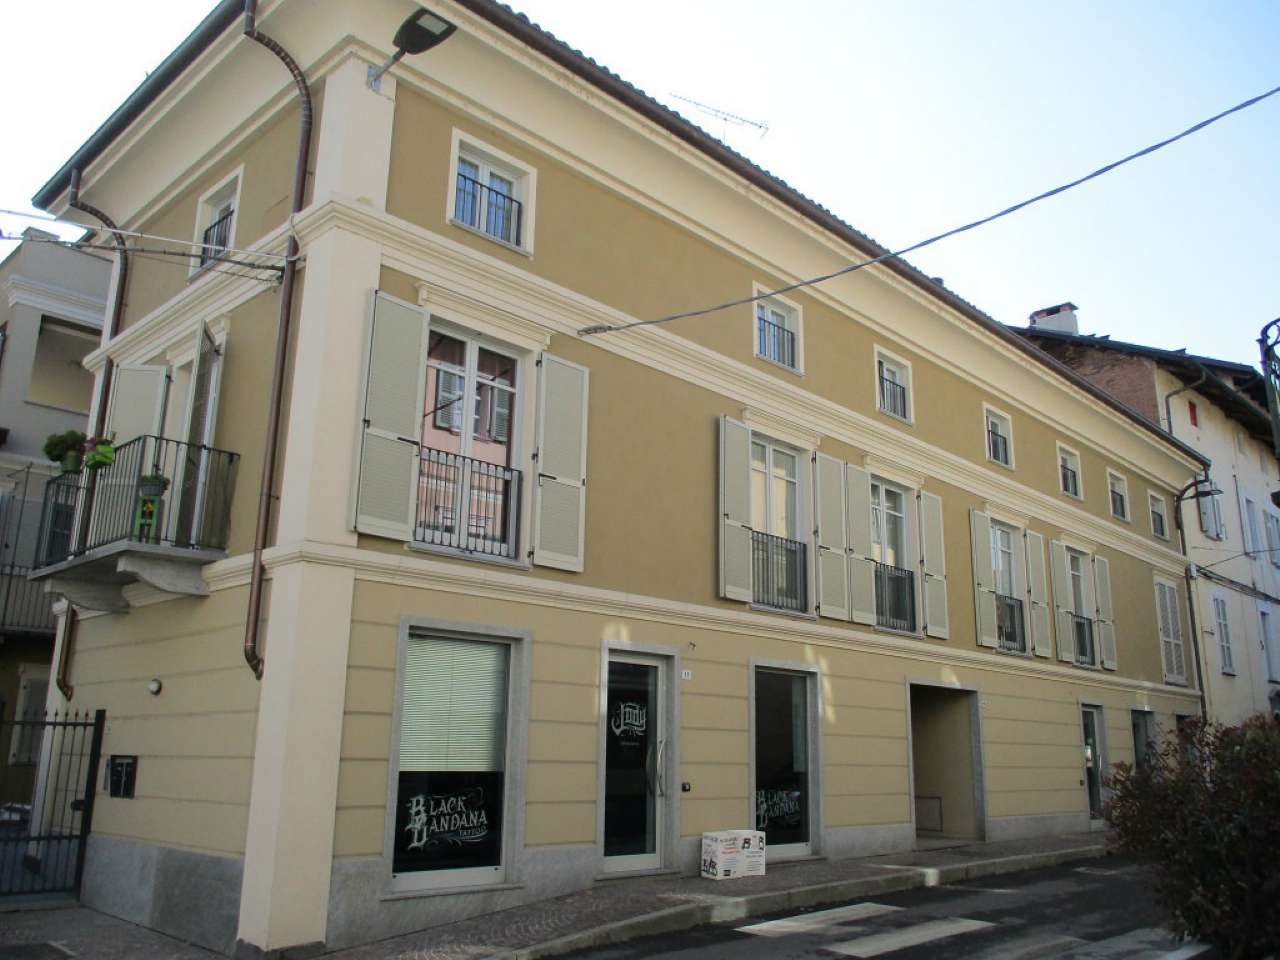 Appartamento in vendita a Savigliano, 2 locali, prezzo € 148.000 | CambioCasa.it